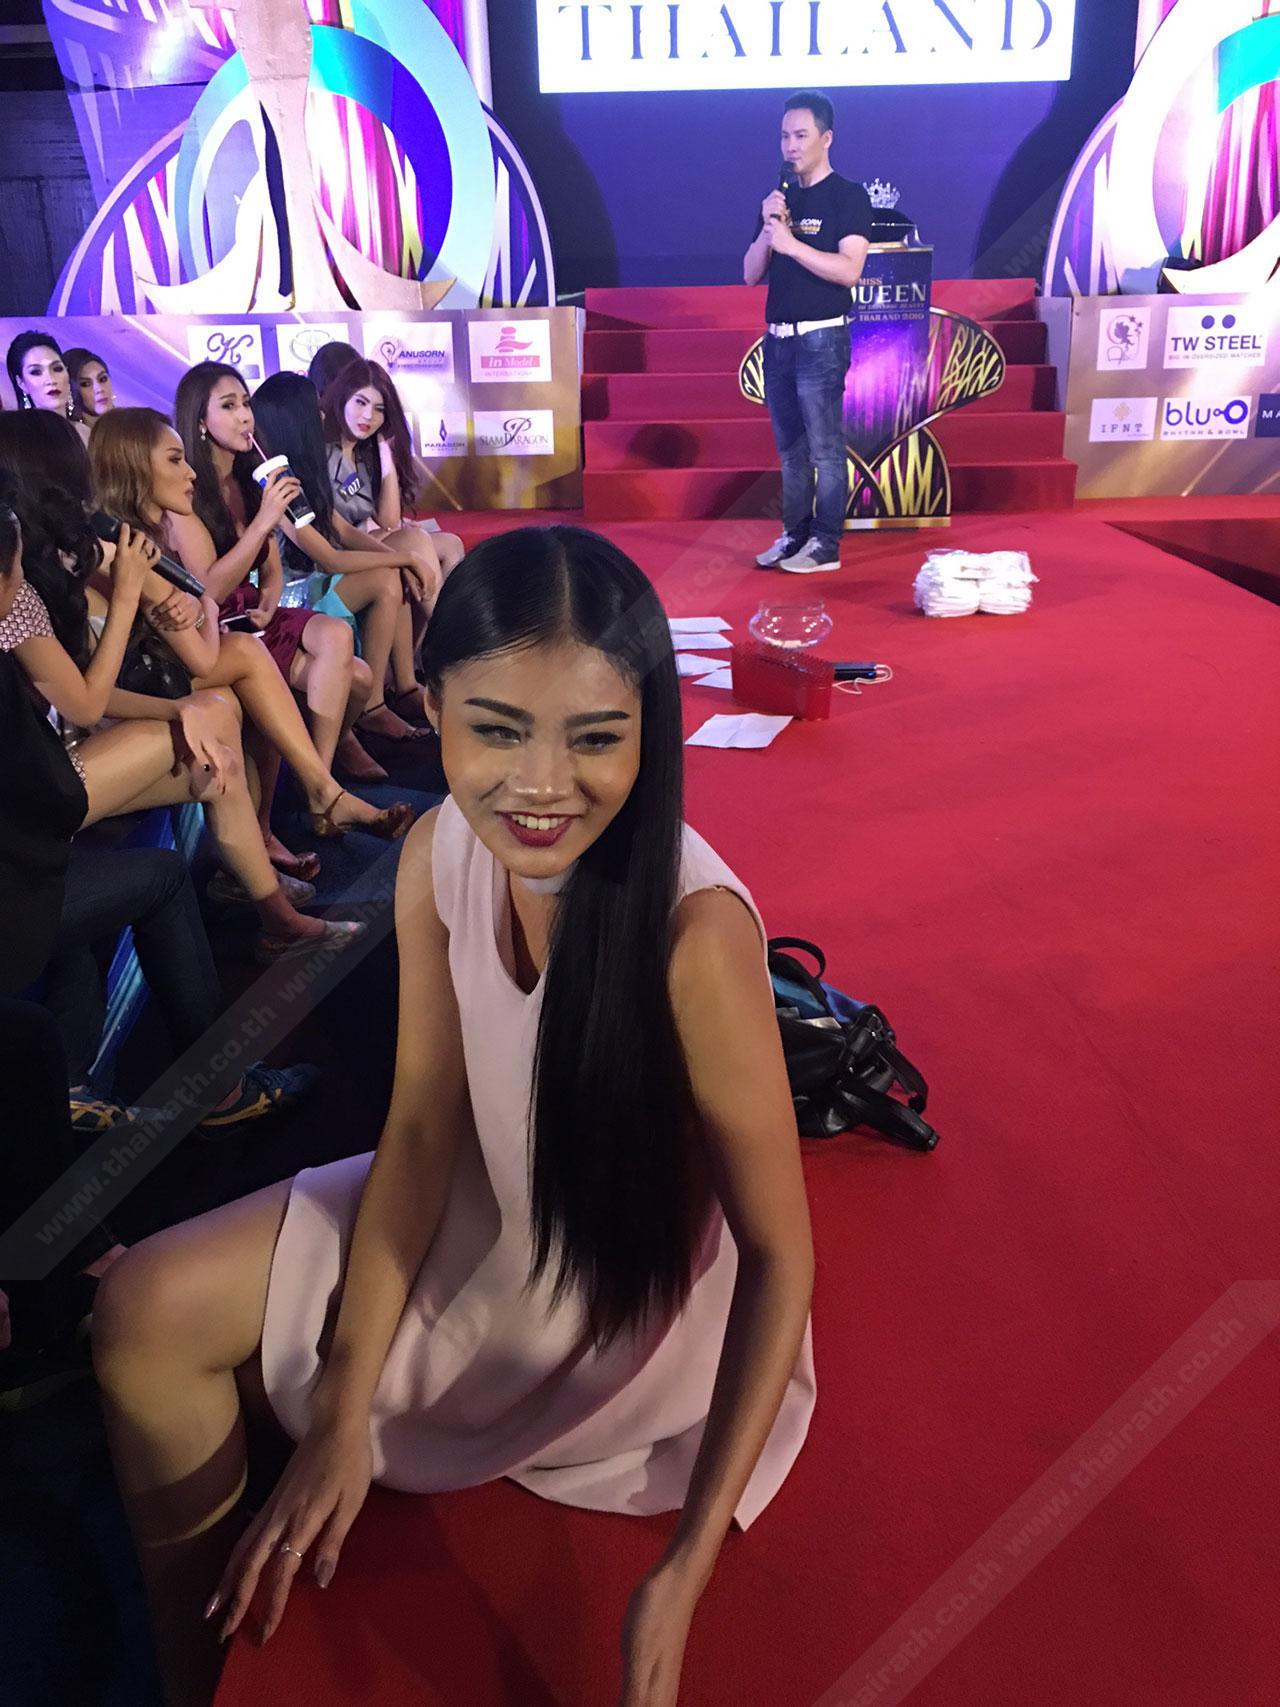 มิลค์ ภัทลดา กุลภัคธนภัทร์ รองอันดับ 1 มิสไทยแลนด์เวิลด์ Miss Thailand World 2016